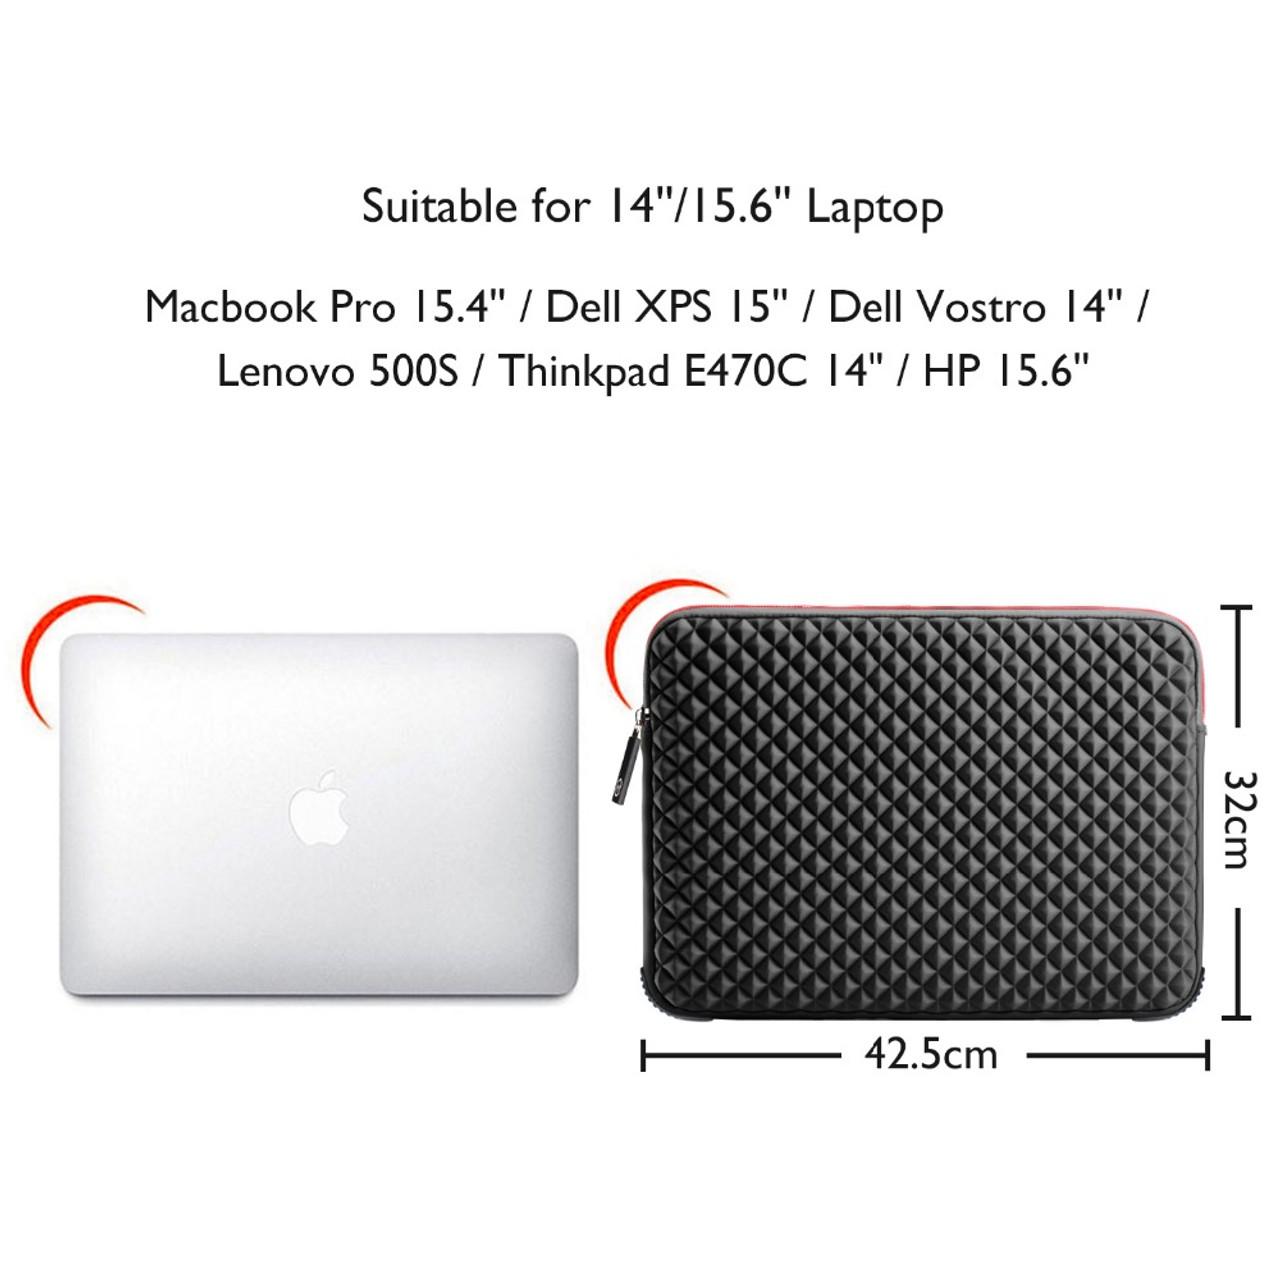 efc81e1931b0 ... Gearmax/WIWU 13 13.3 15 15.6 17 17.3 inch Laptop Sleeve Waterproof  Shockproof Black Notebook ...